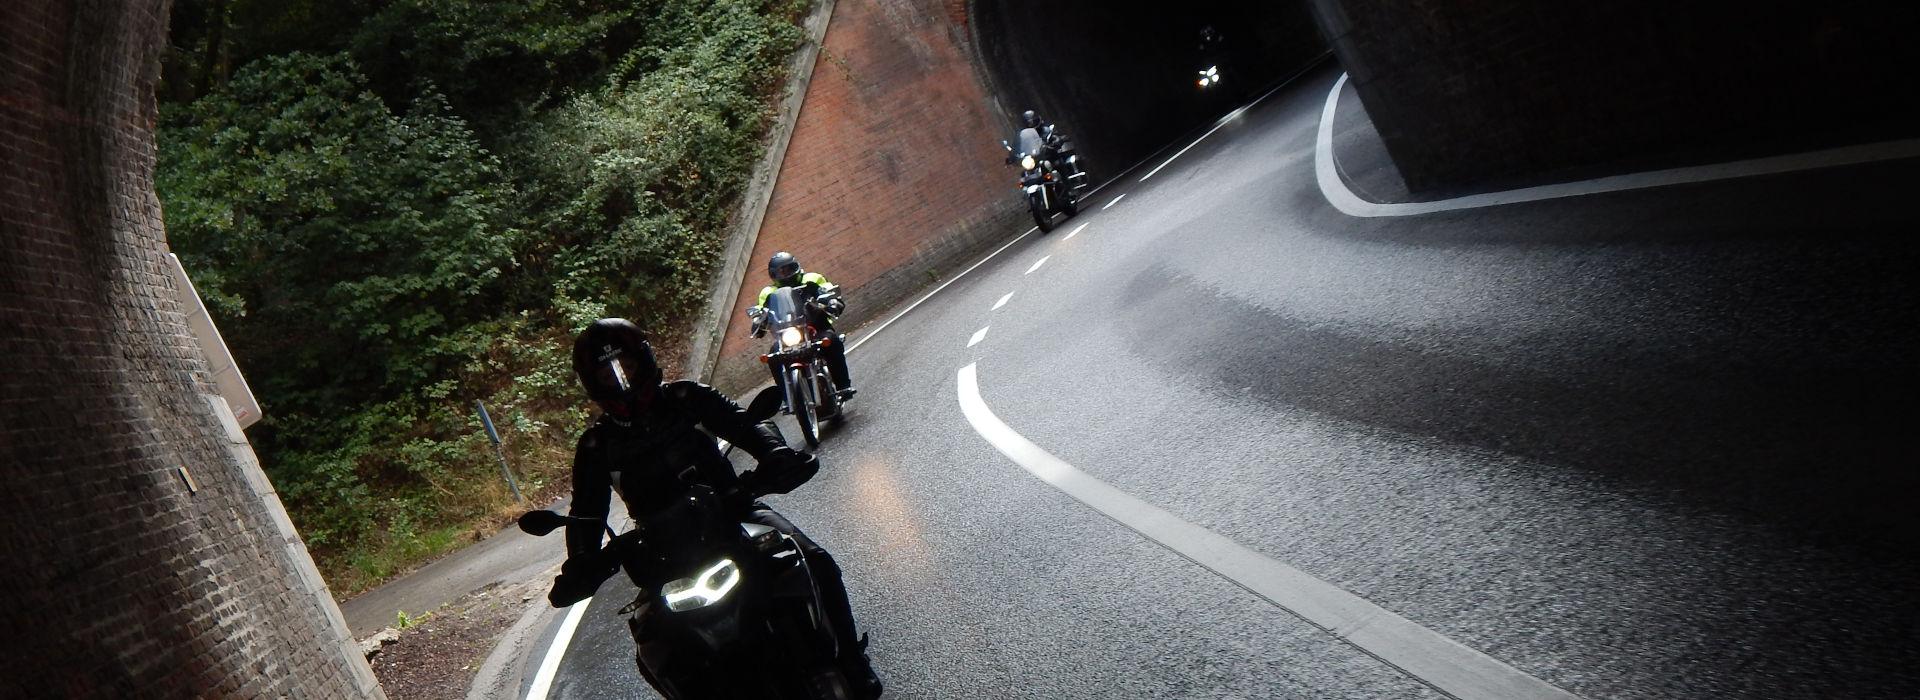 Motorrijbewijspoint Julianadorp spoed motorrijbewijs